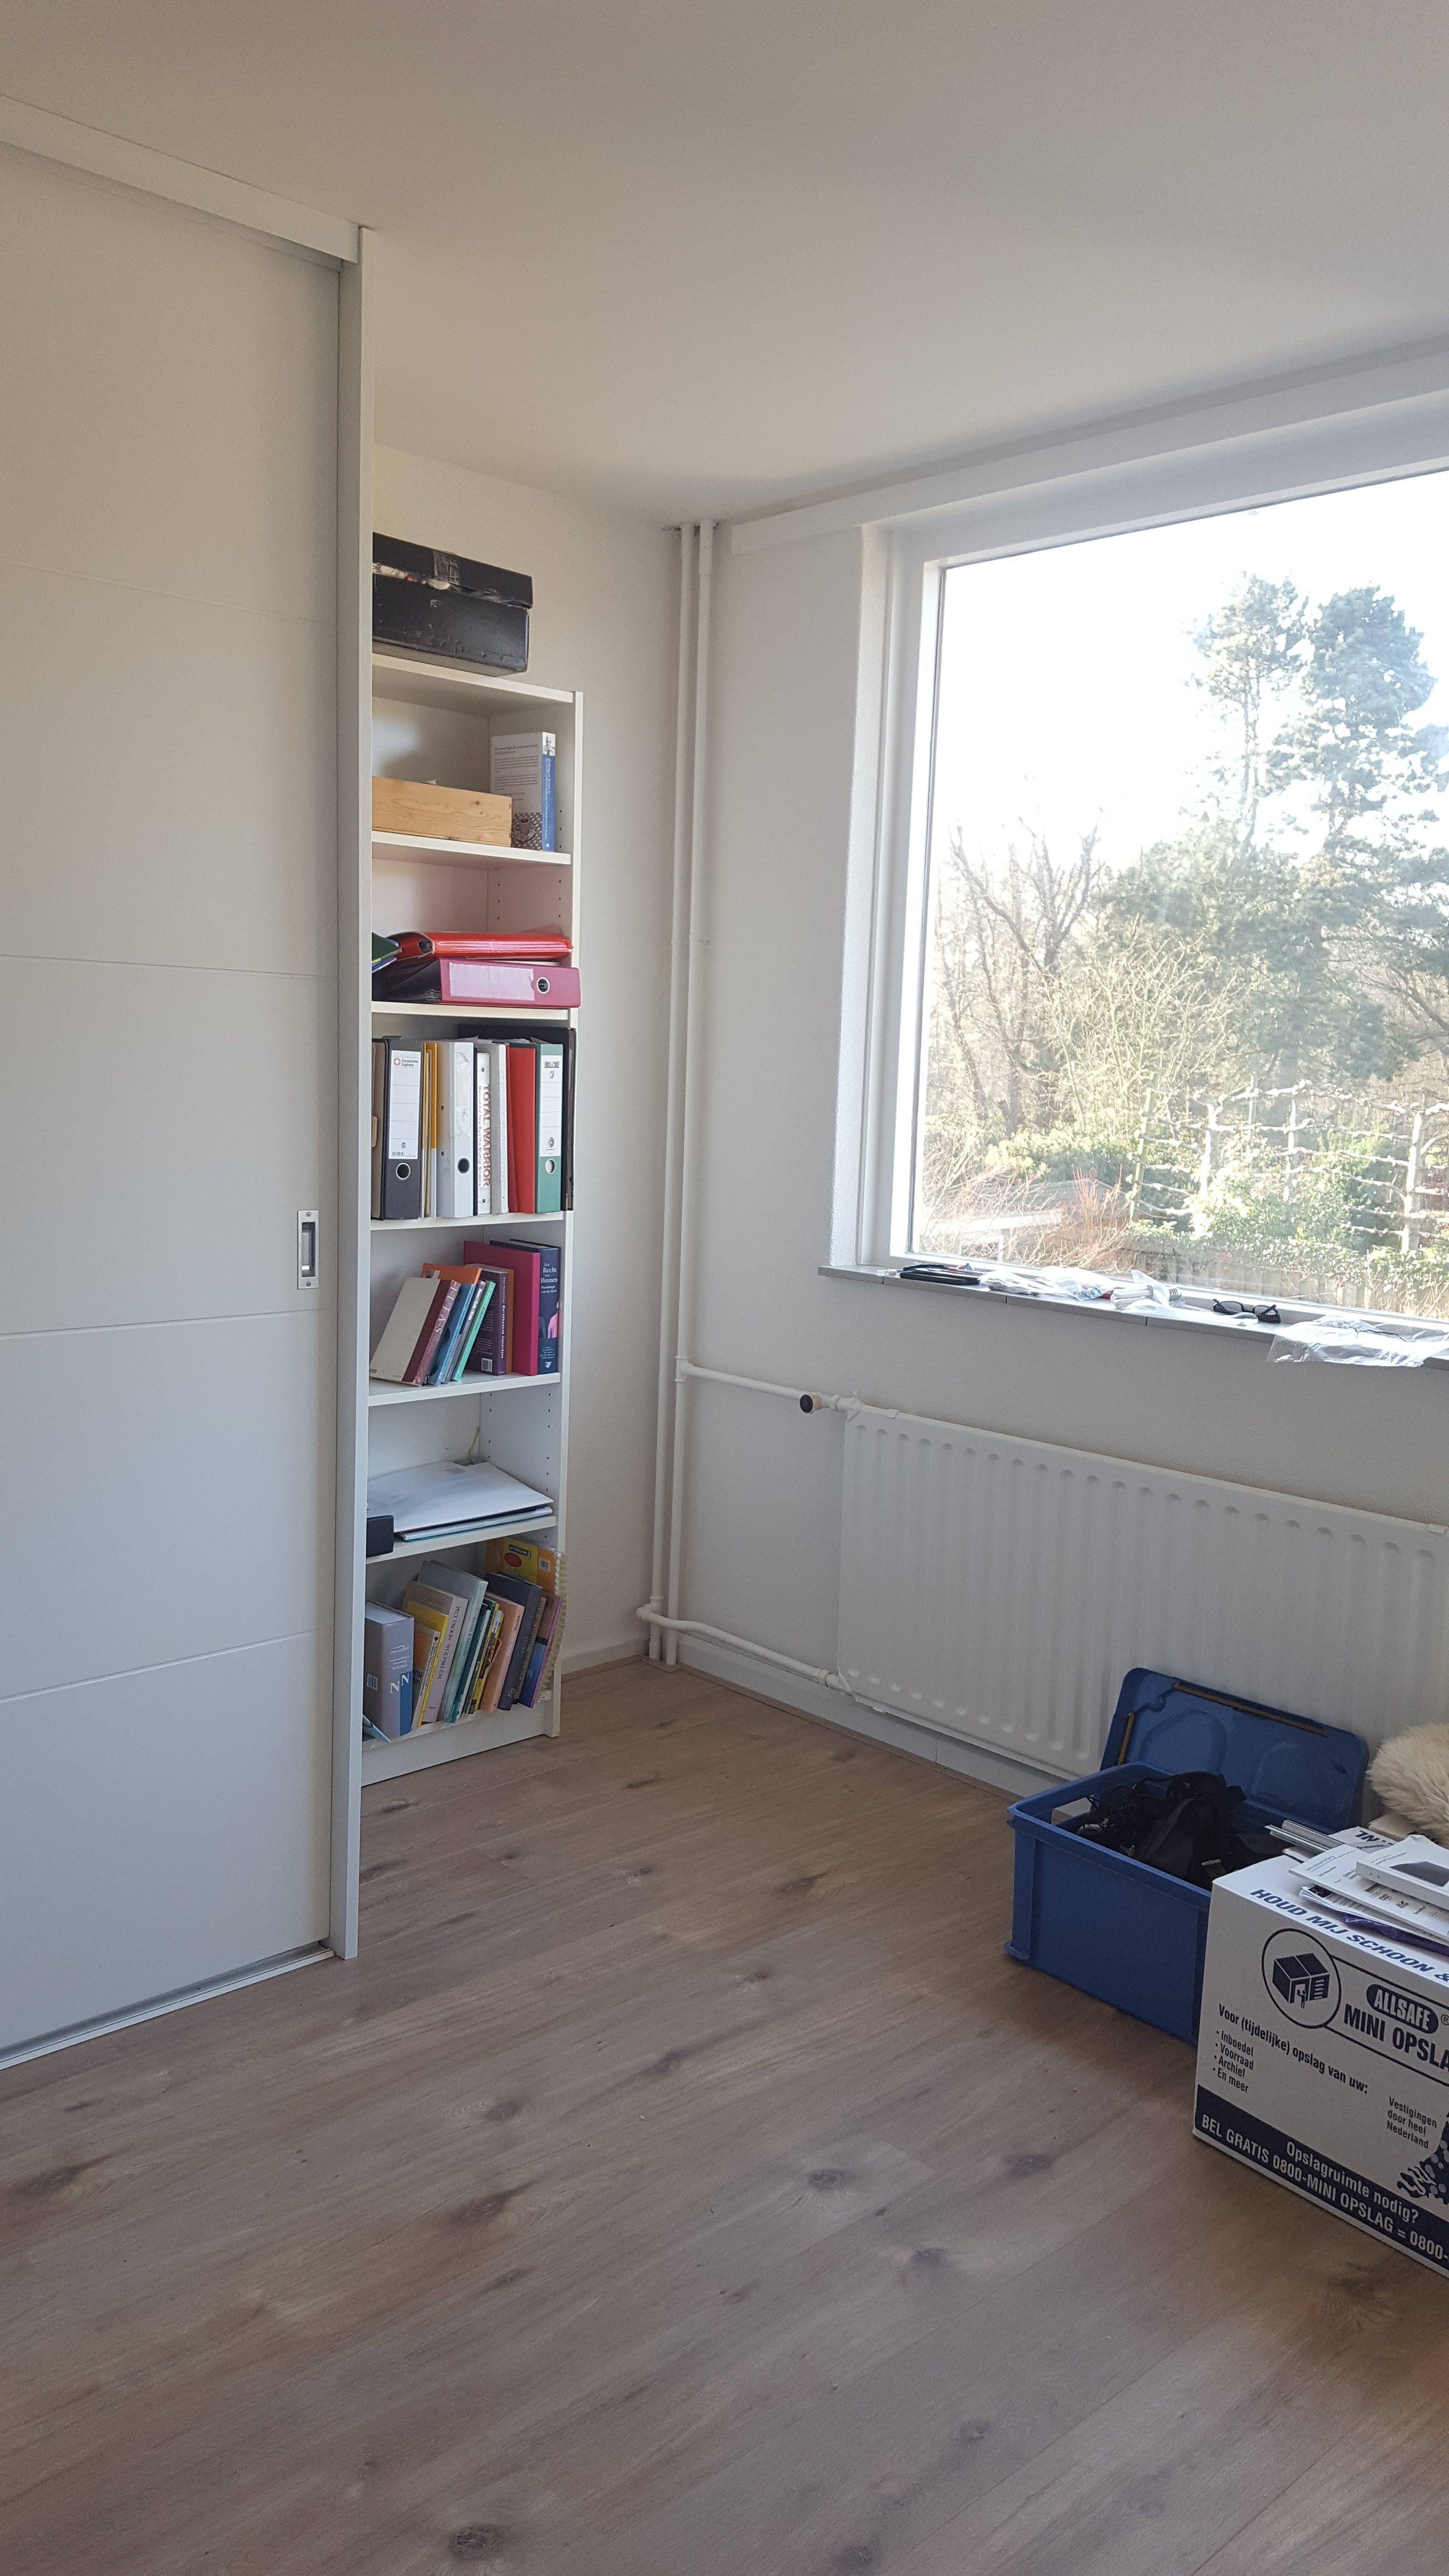 Vloer slaapkamer 2-onder-1-kapwoning Noord-Holland - Studio ...